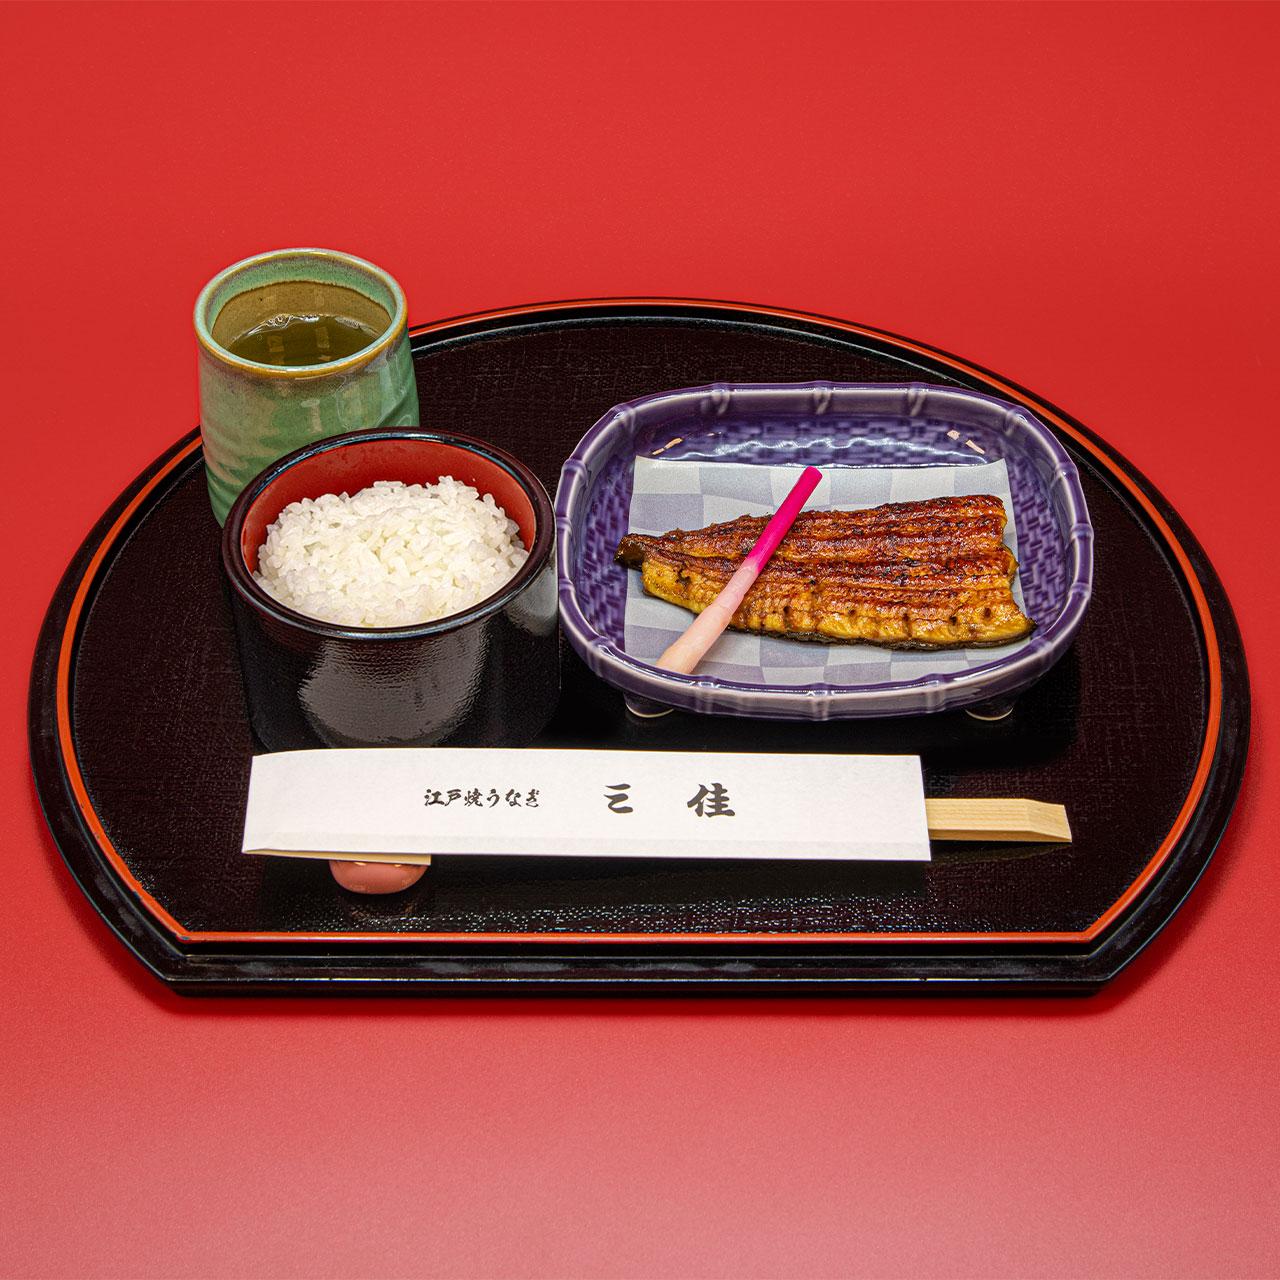 かば焼ハーフサイズ(ご飯付)2,450円